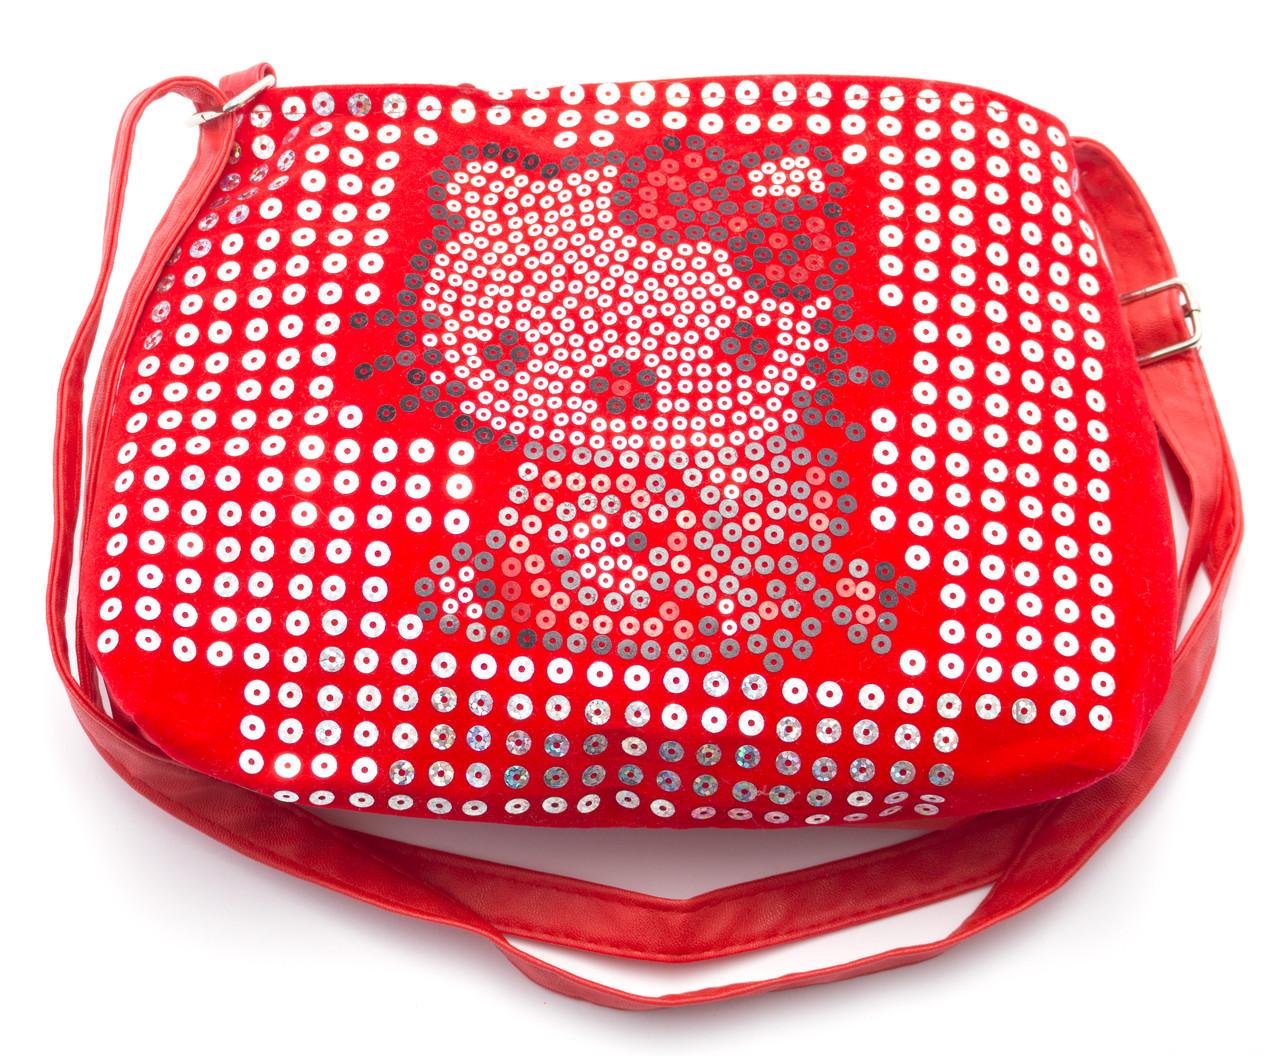 Красная детская сумочка Hello Kitty с пайетками Б/Н art. 150